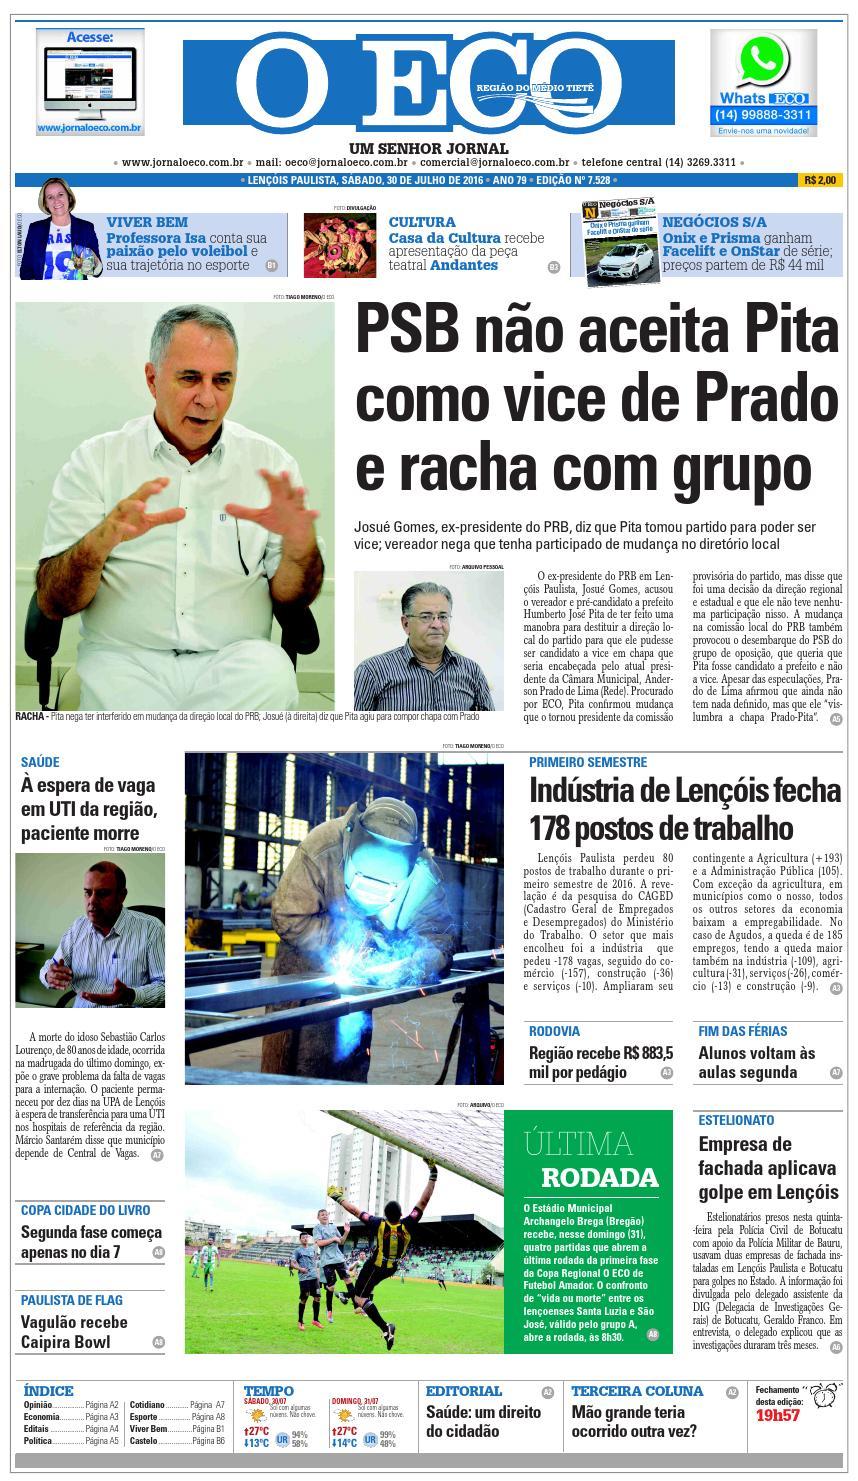 Palmeiras esporte rambo 470767